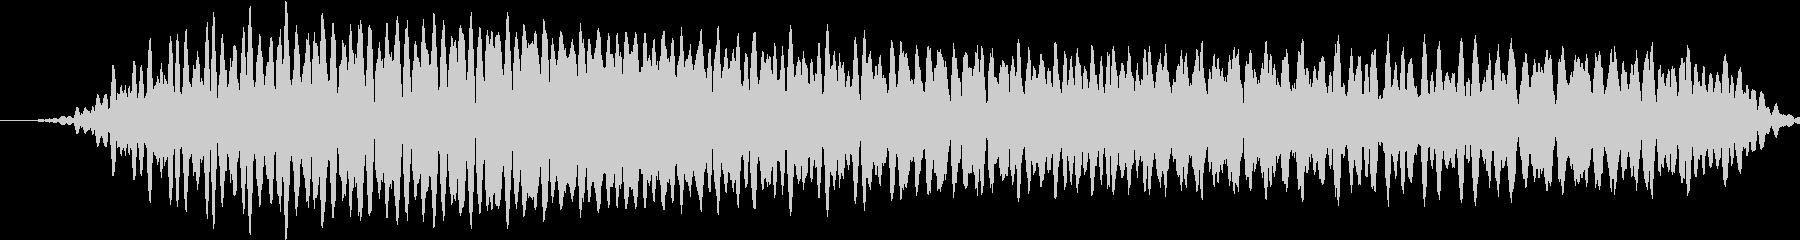 電子レーザーコンピューターデータま...の未再生の波形